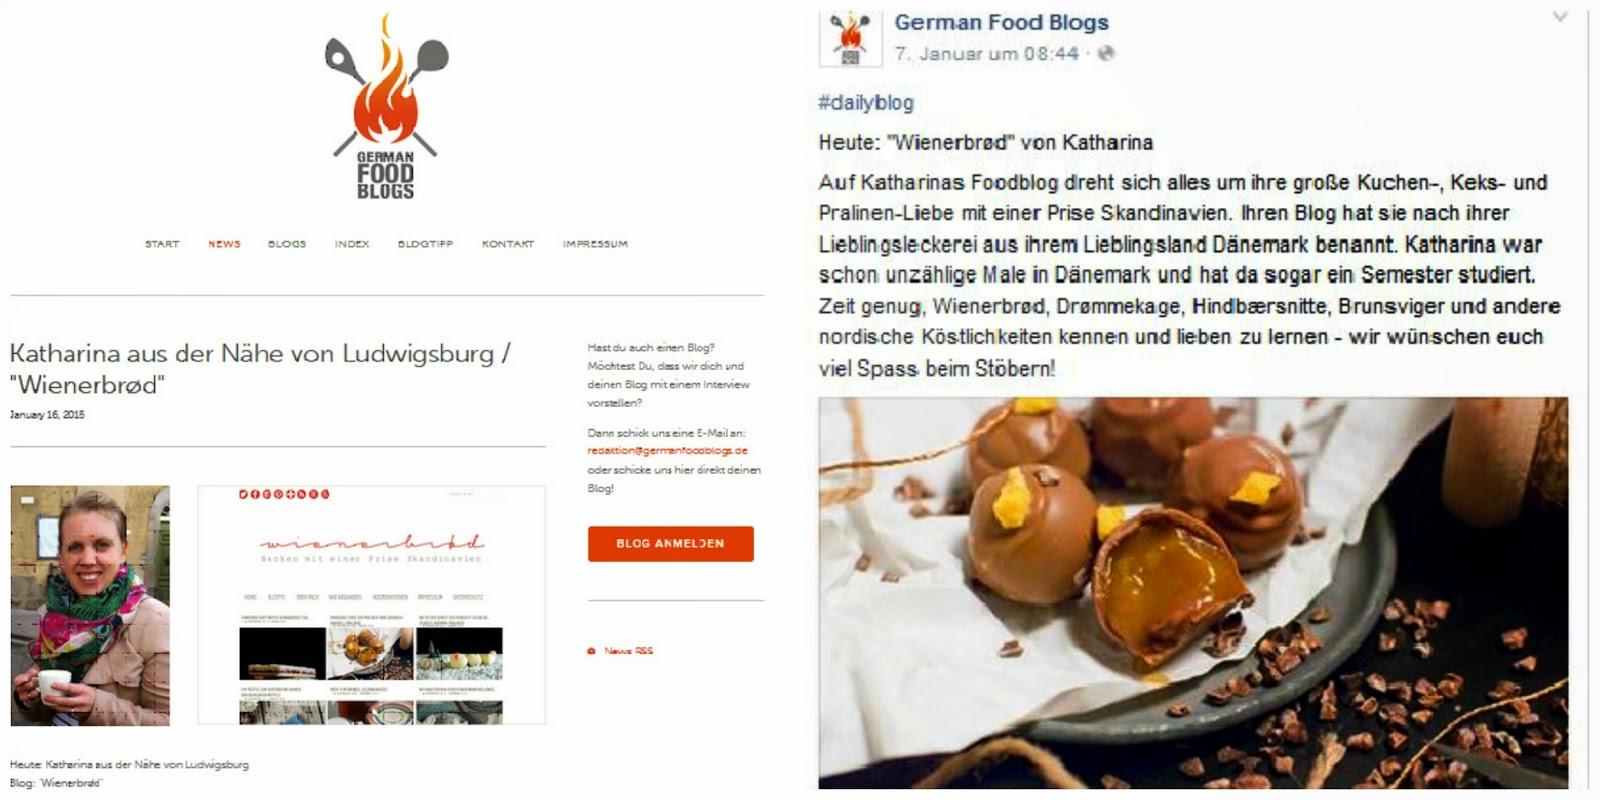 http://www.germanfoodblogs.de/news/2015/1/16/katharina-aus-der-nhe-von-ludwigsburg-wienerbrd